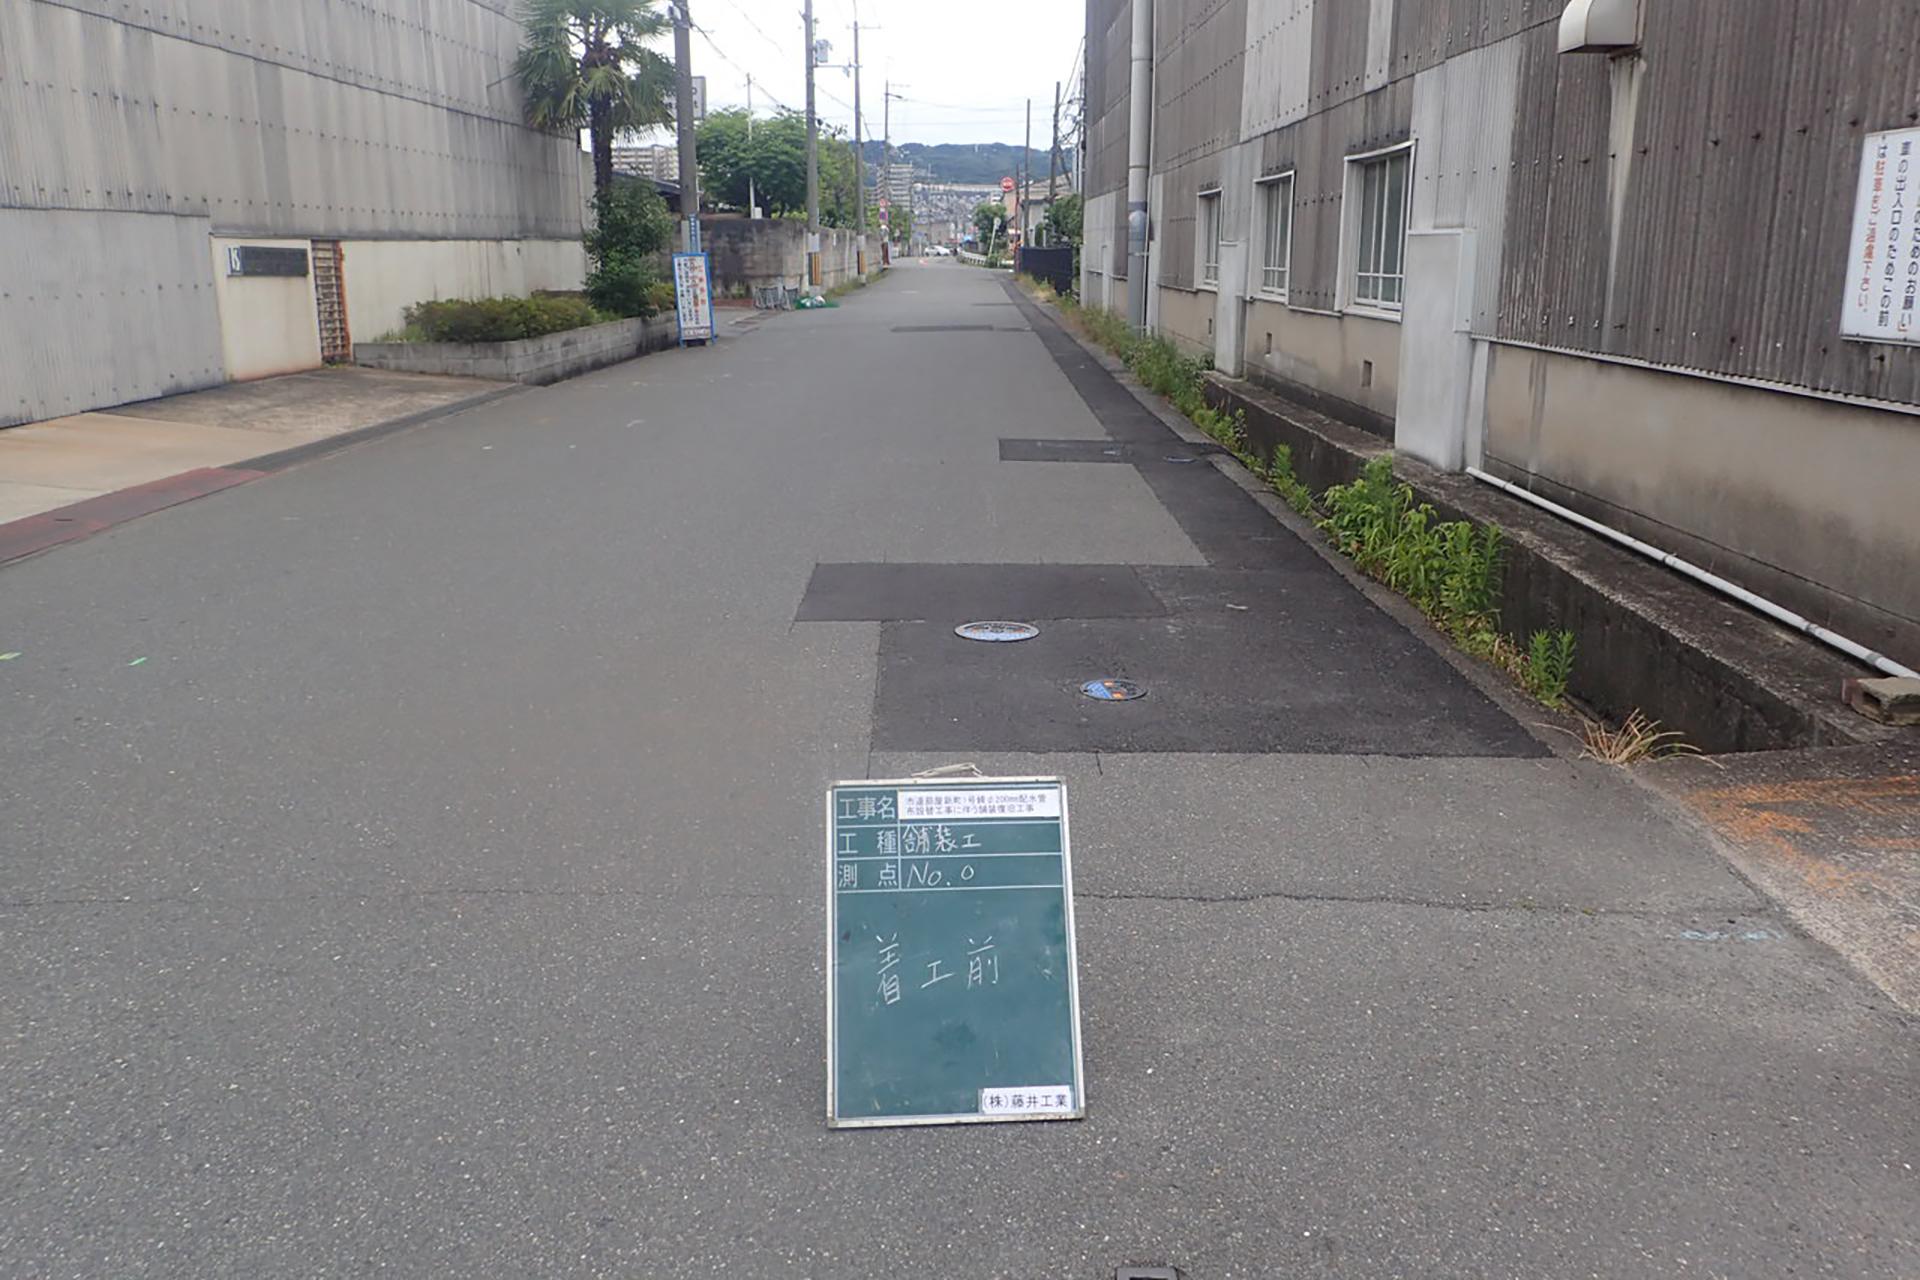 市道蔀屋新町1号線φ200mm配水管布設替工事に伴う舗装復旧工事